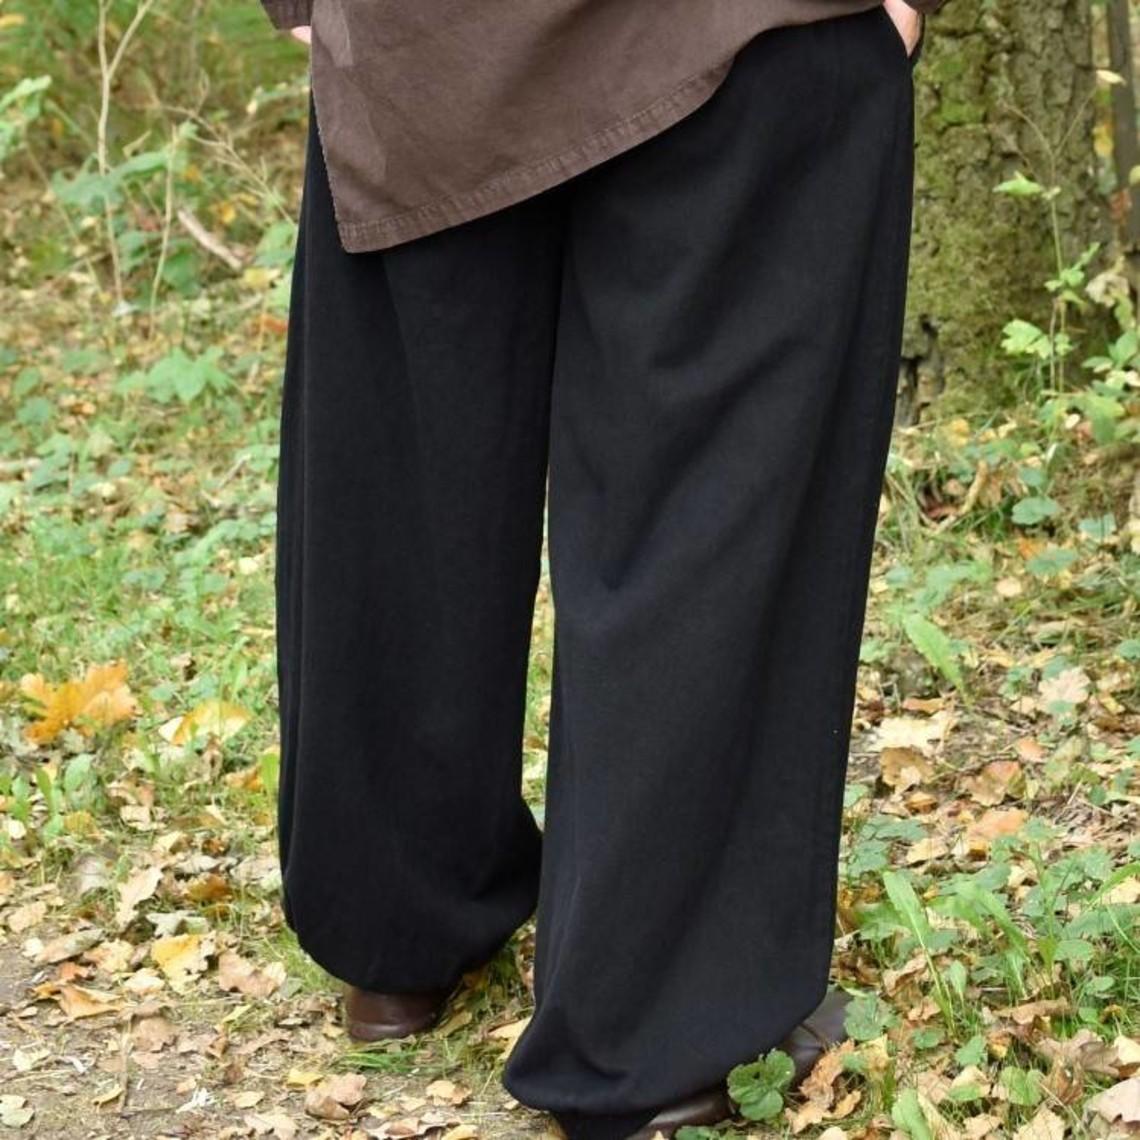 Pantaloni Roger, nero